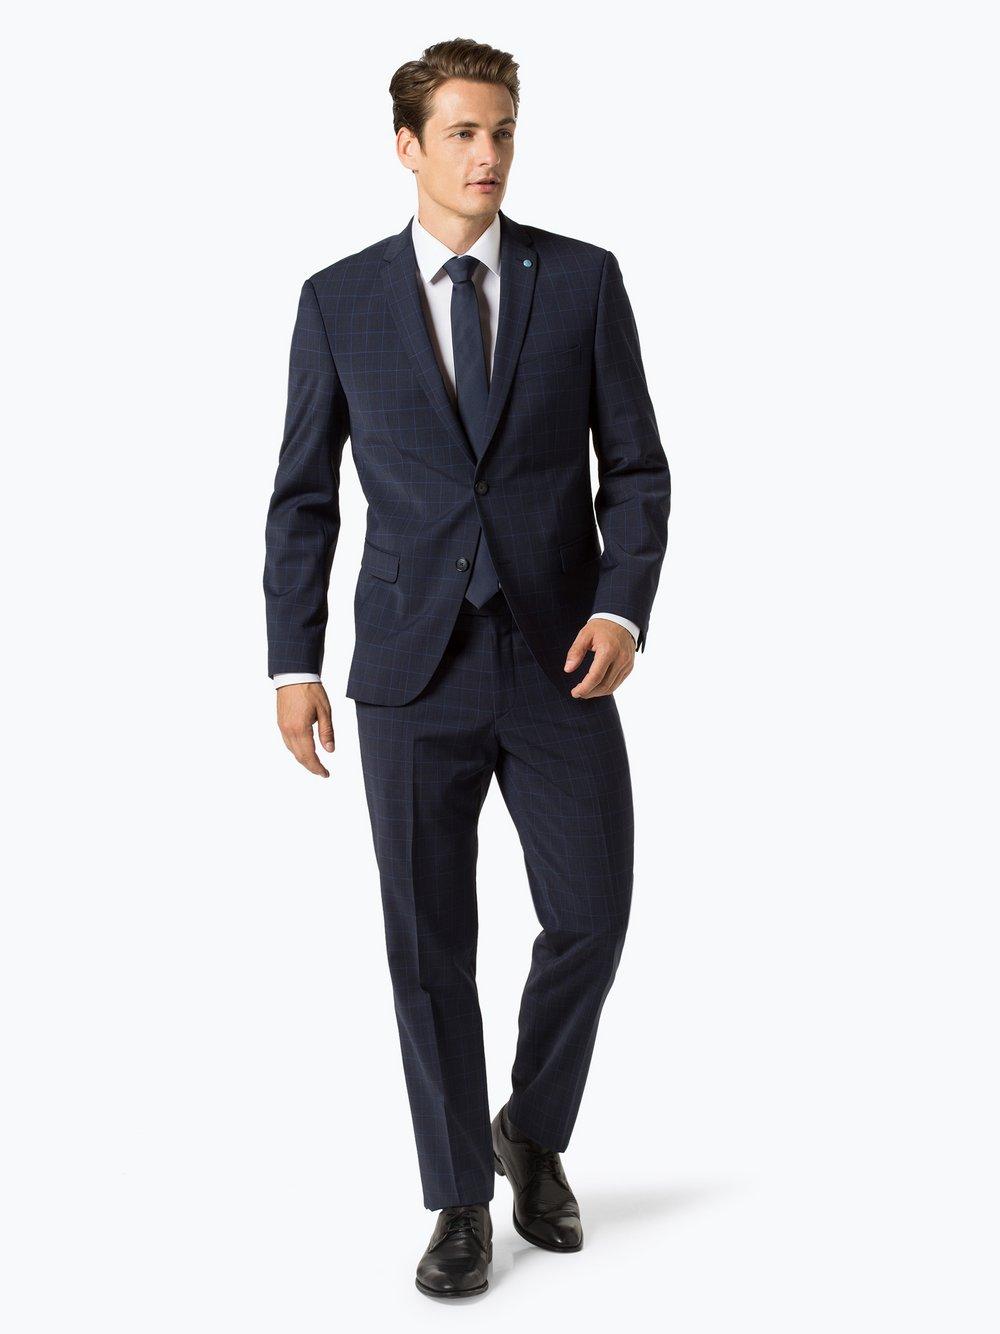 the latest undefeated x buying now Pierre Cardin Herren Baukasten-Anzug online kaufen ...